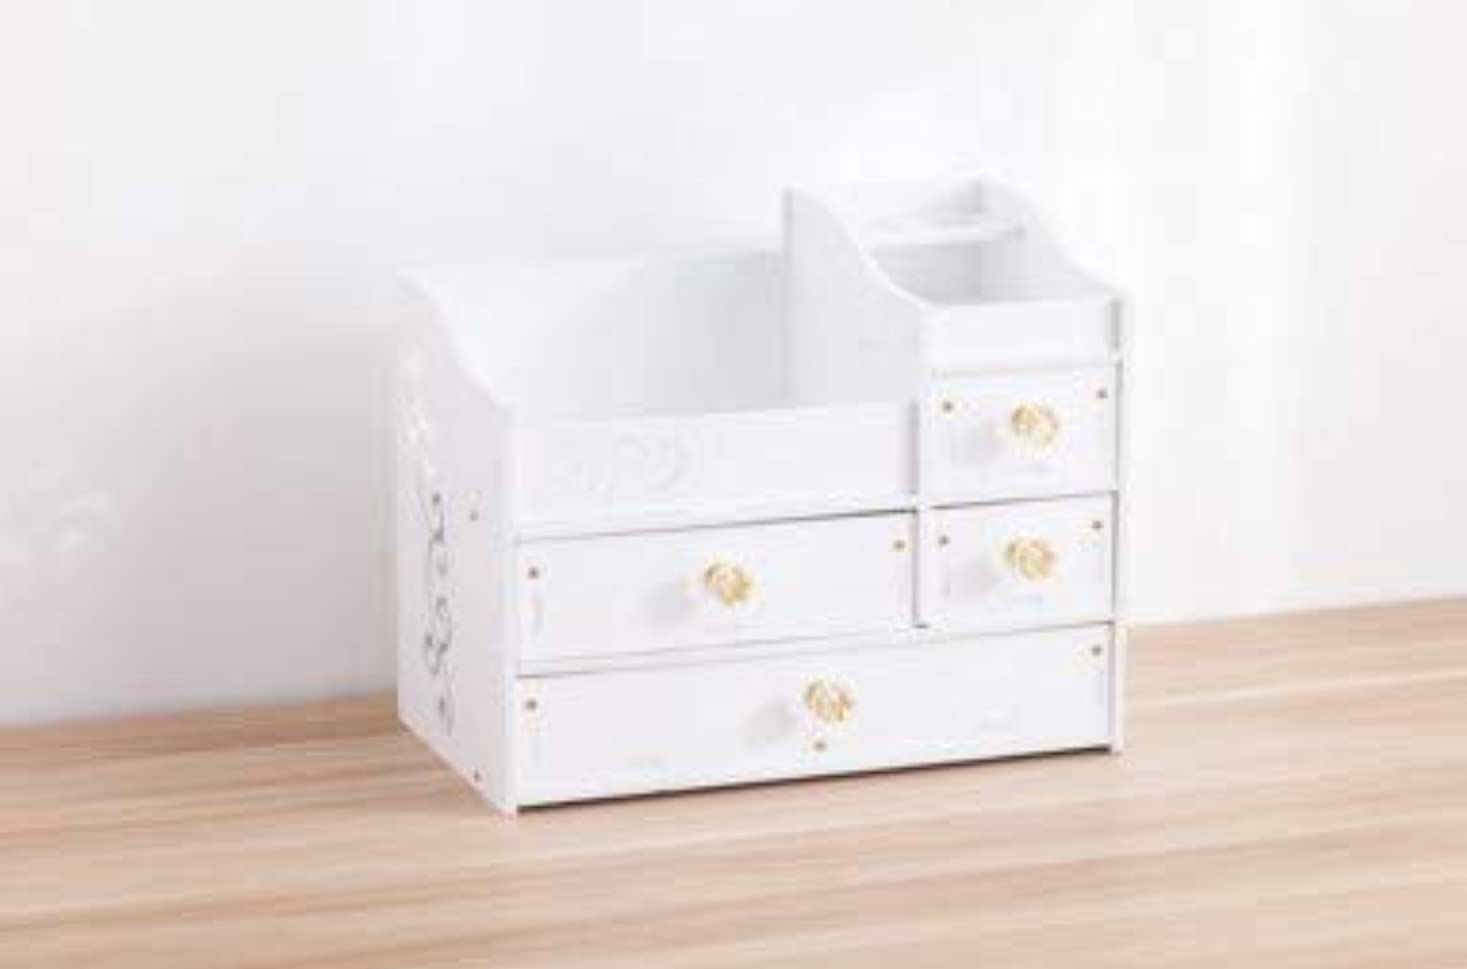 挽く喜ぶリスナーデスクトップスキンケア化粧台ジュエリーボックスクリスタルハンドル引き出し収納ボックス木製化粧品収納ボックス